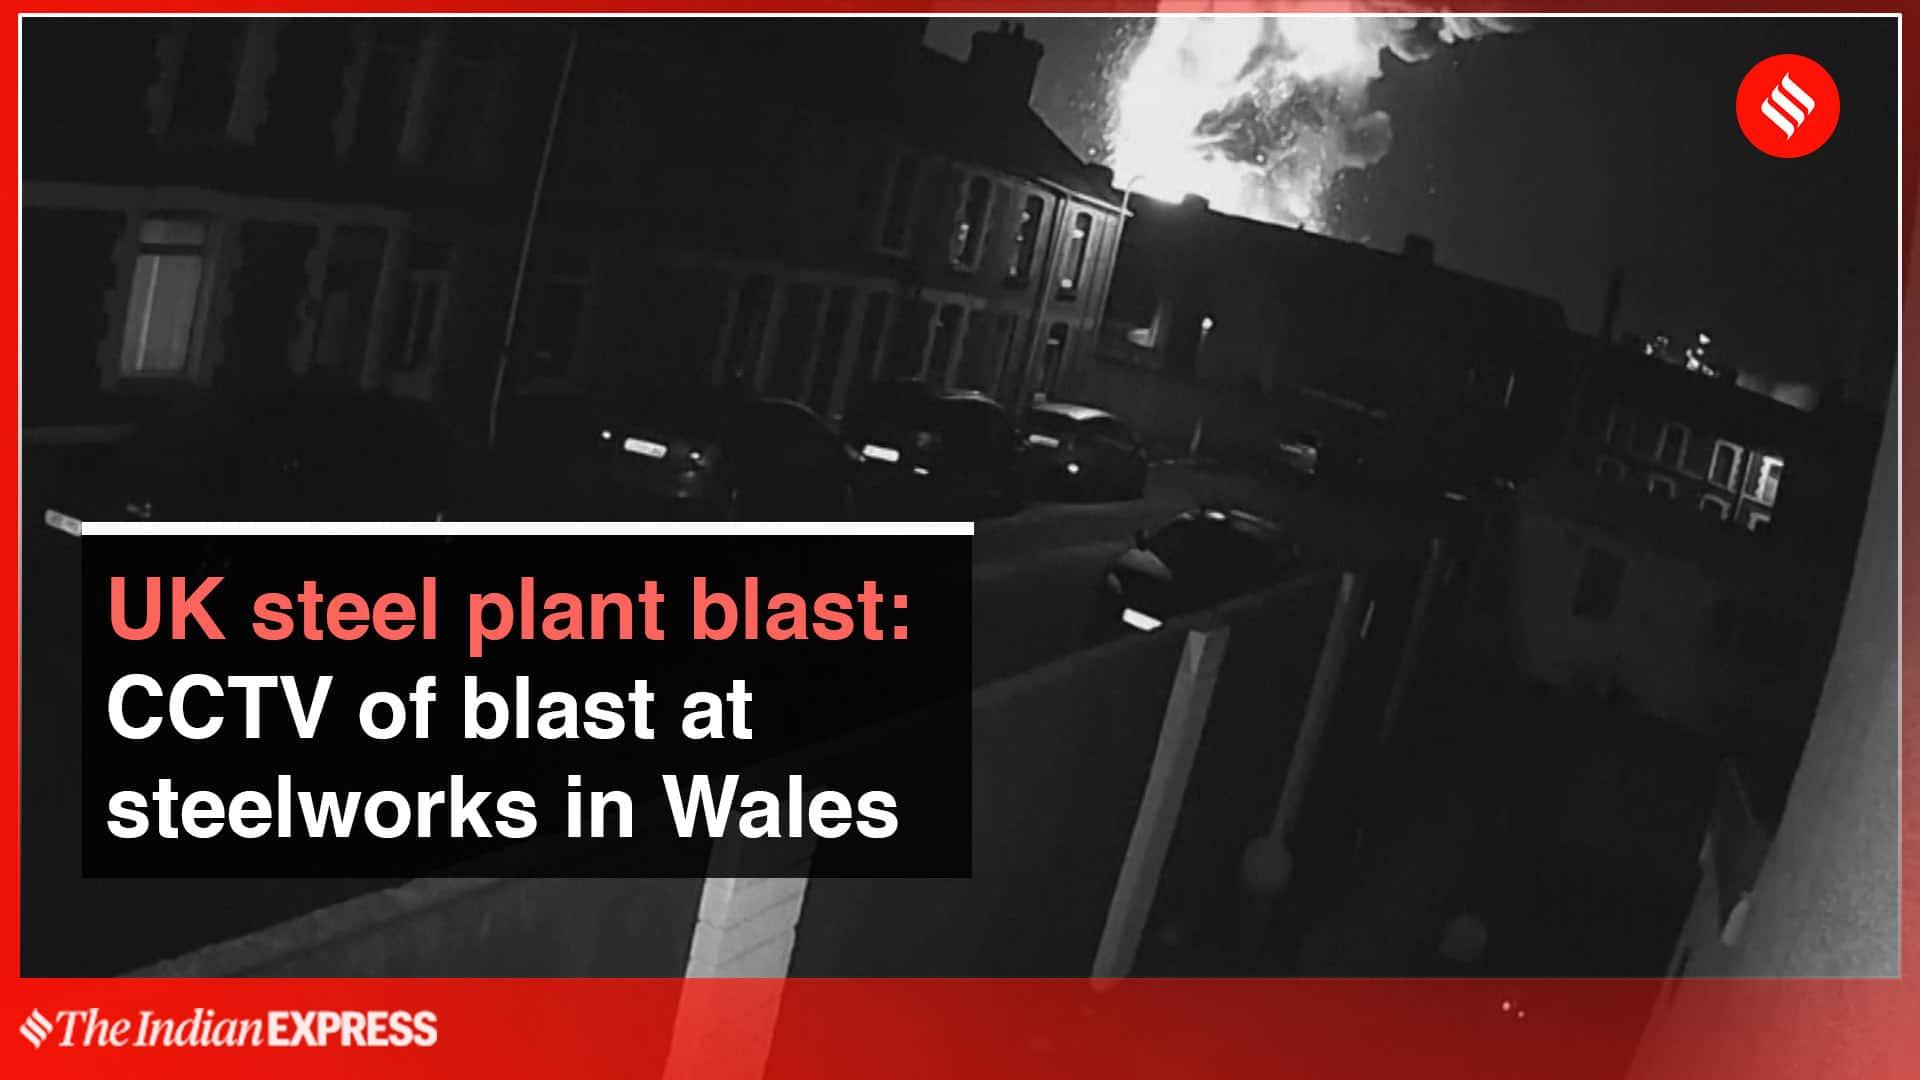 Uk Steel Plant Blast: Cctv Of Blast At Steelworks In Wales